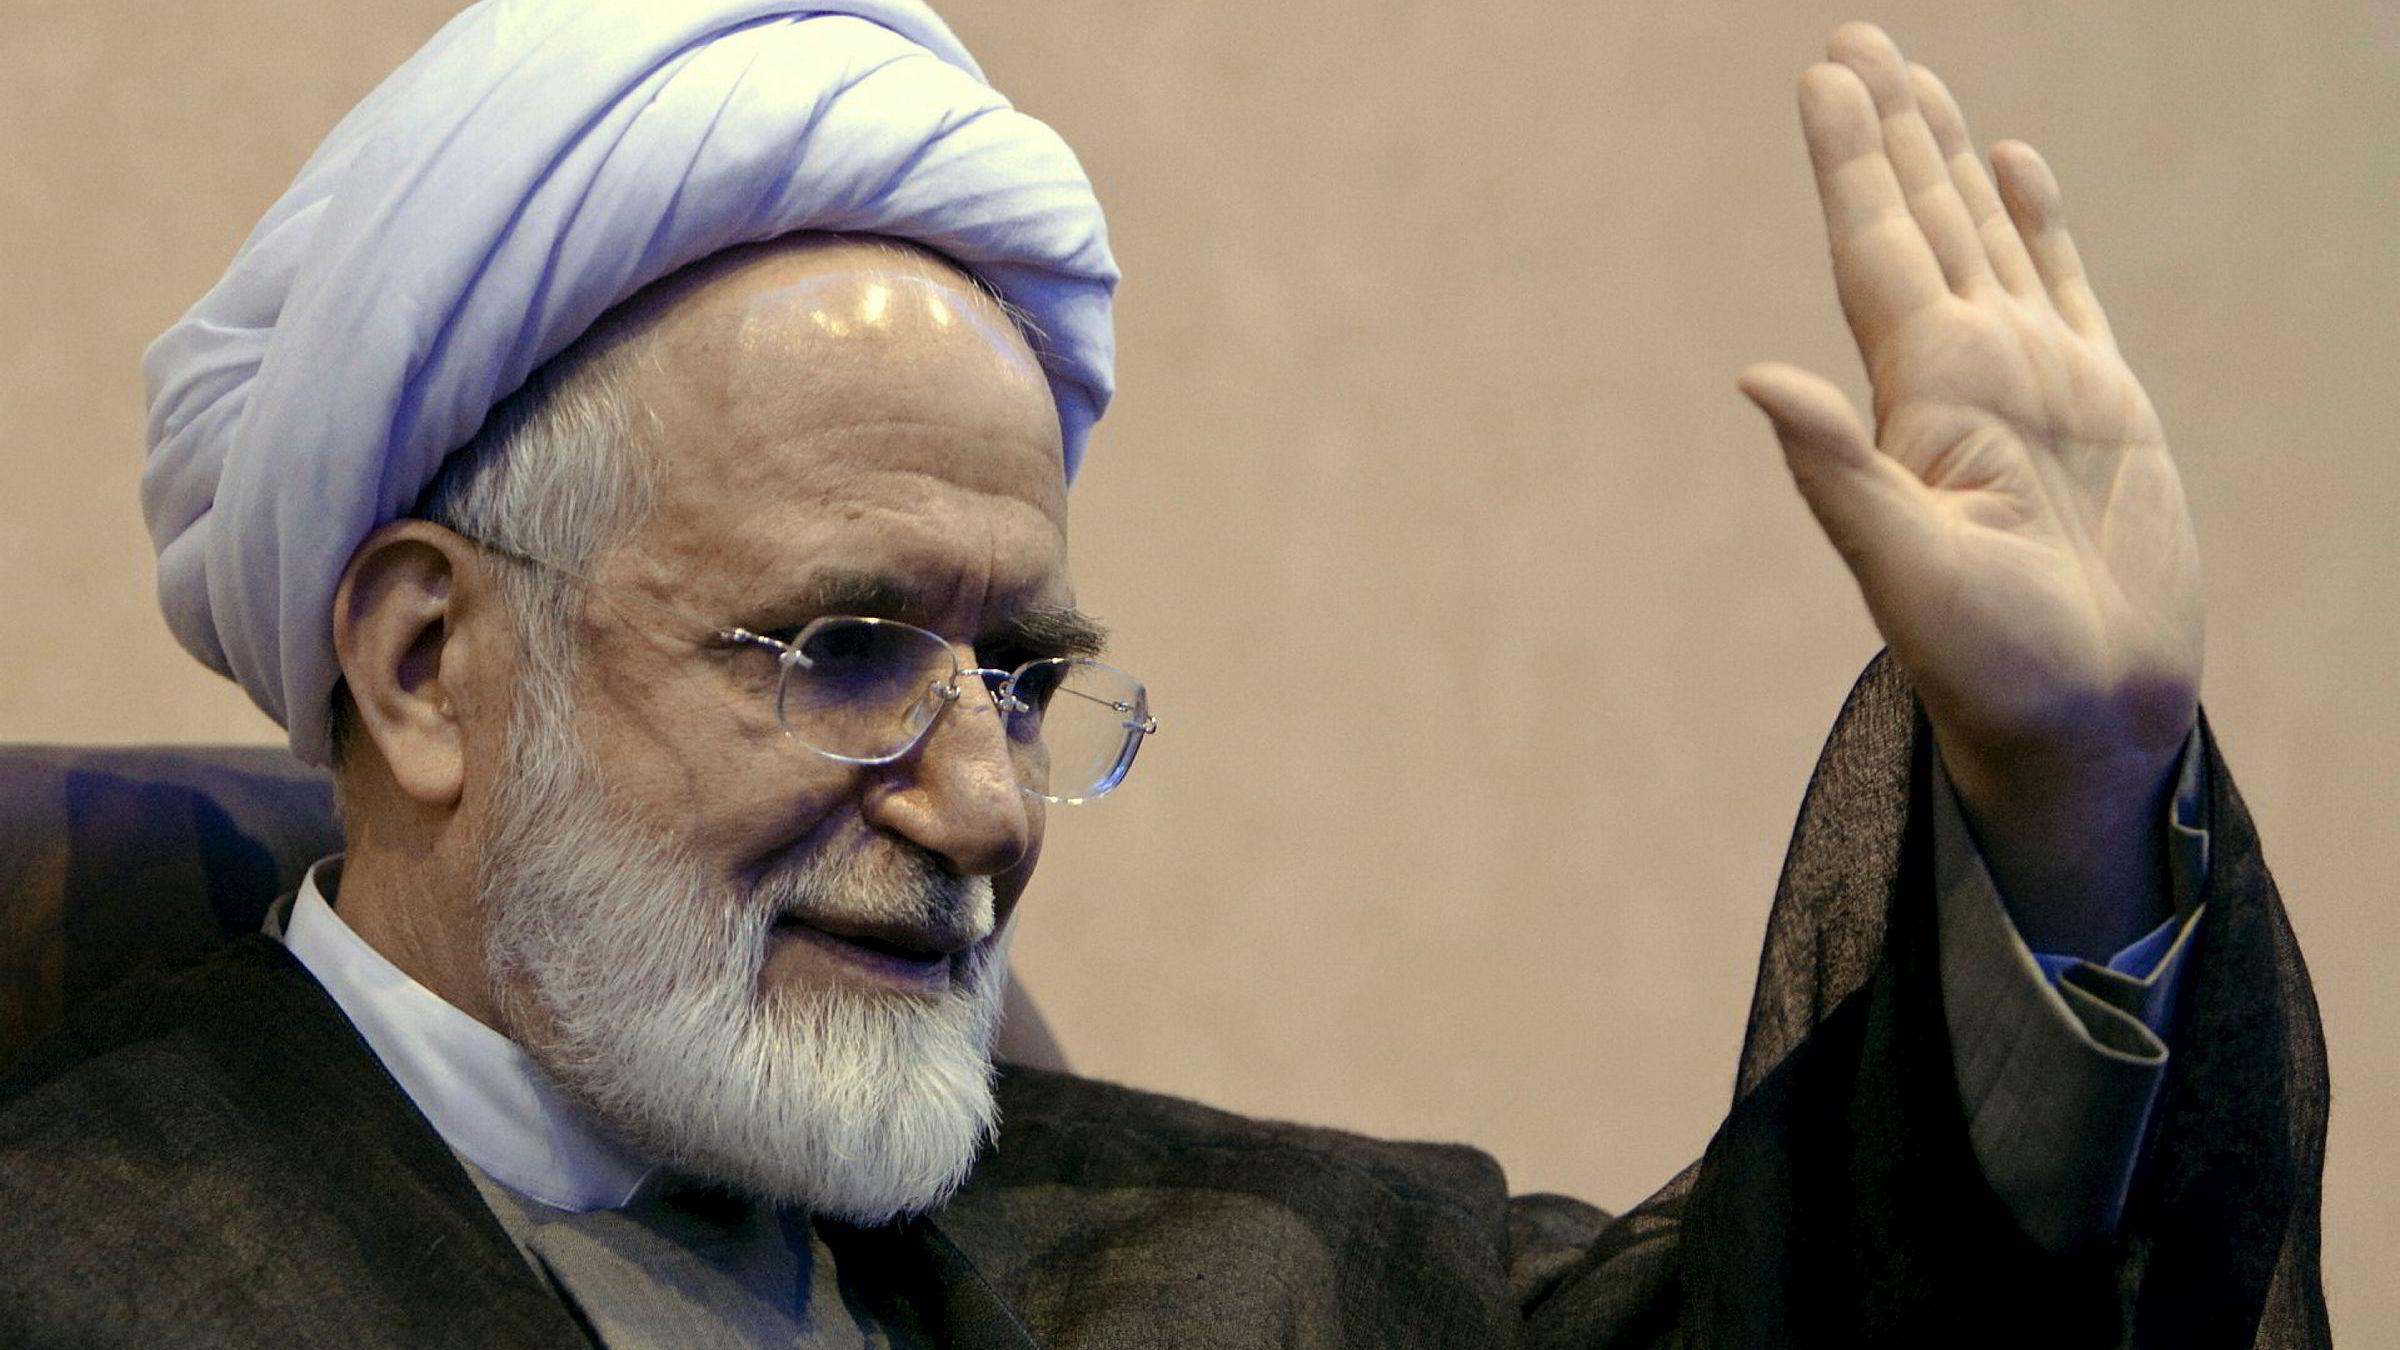 İranlı muhalif liderden Hamaney'e: Yeterli şartlara sahip değilsiniz!